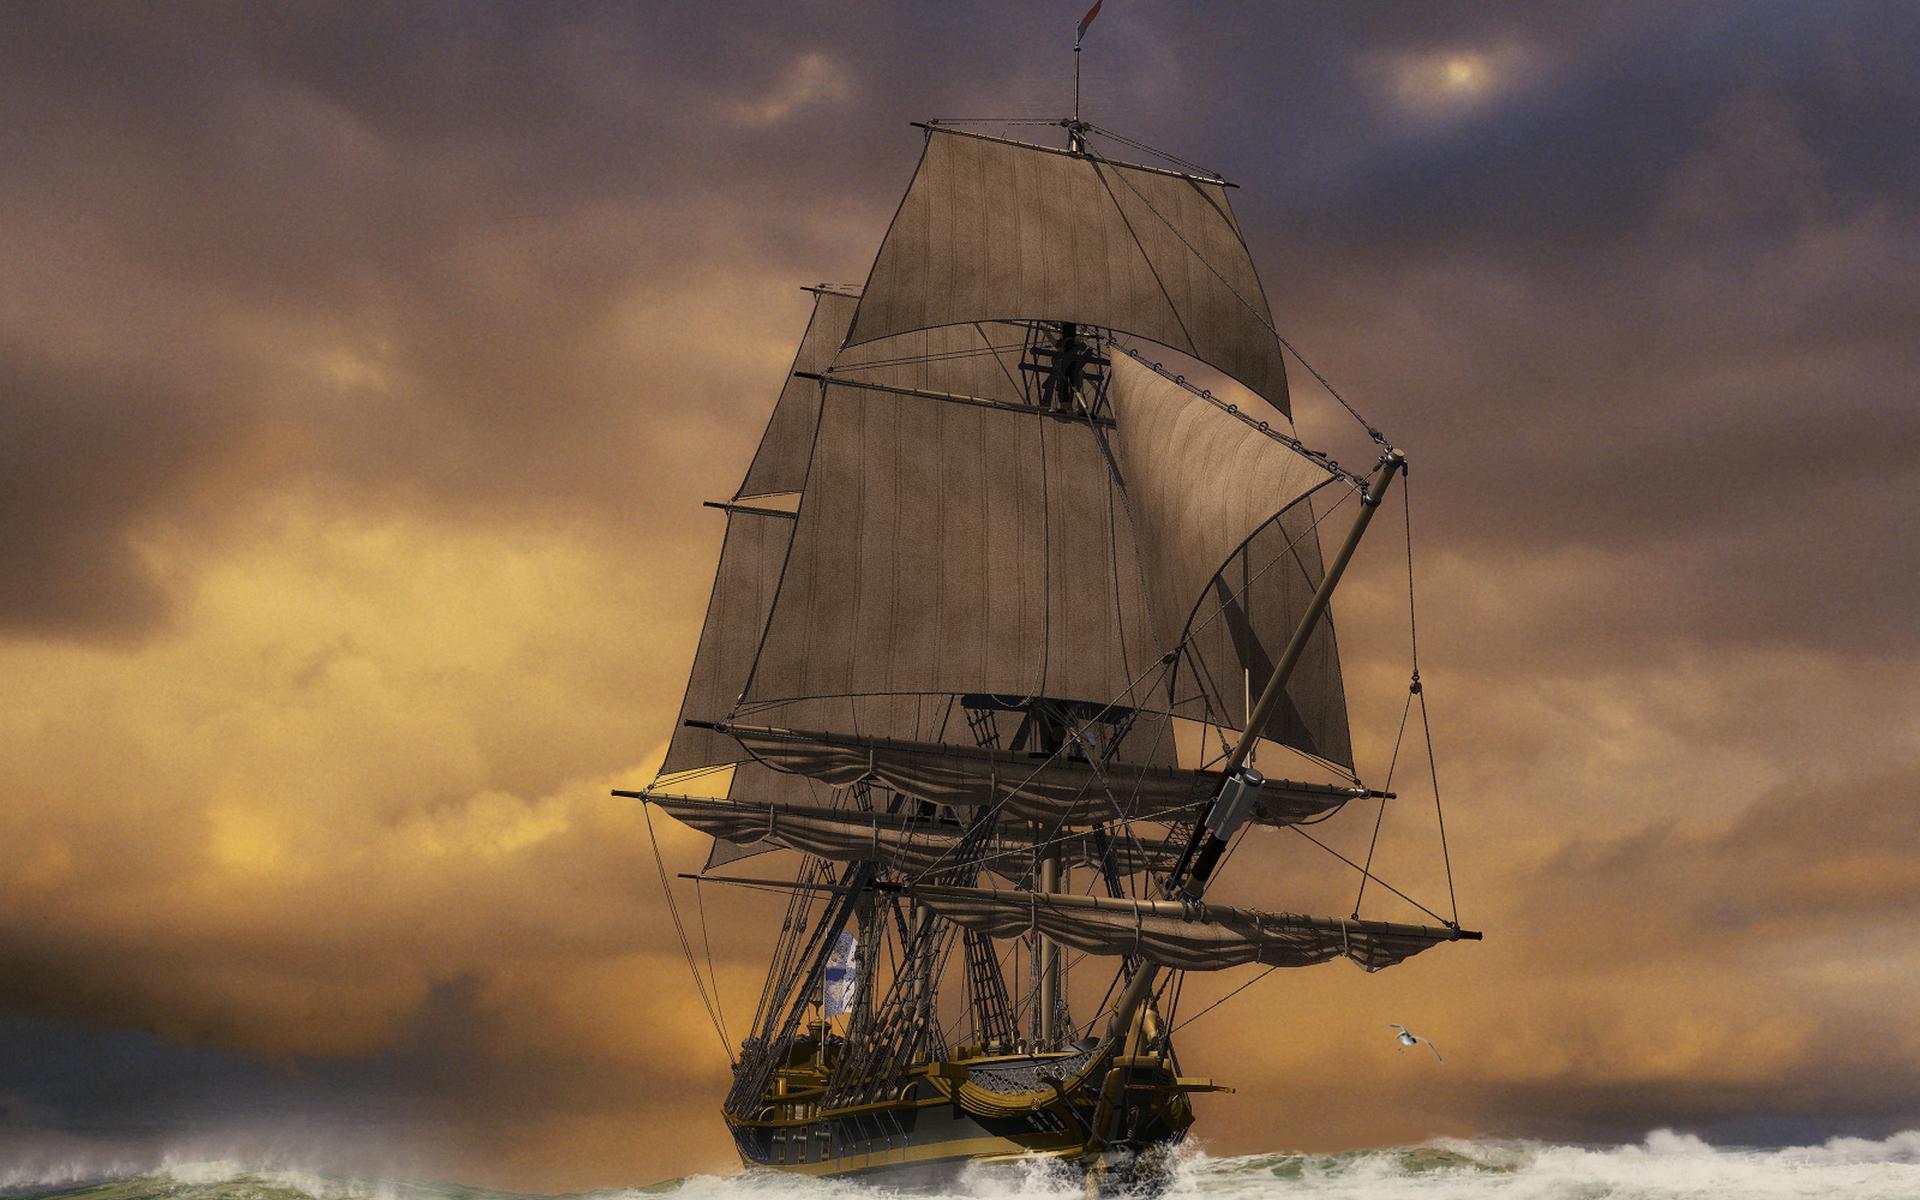 море, волны, корабль